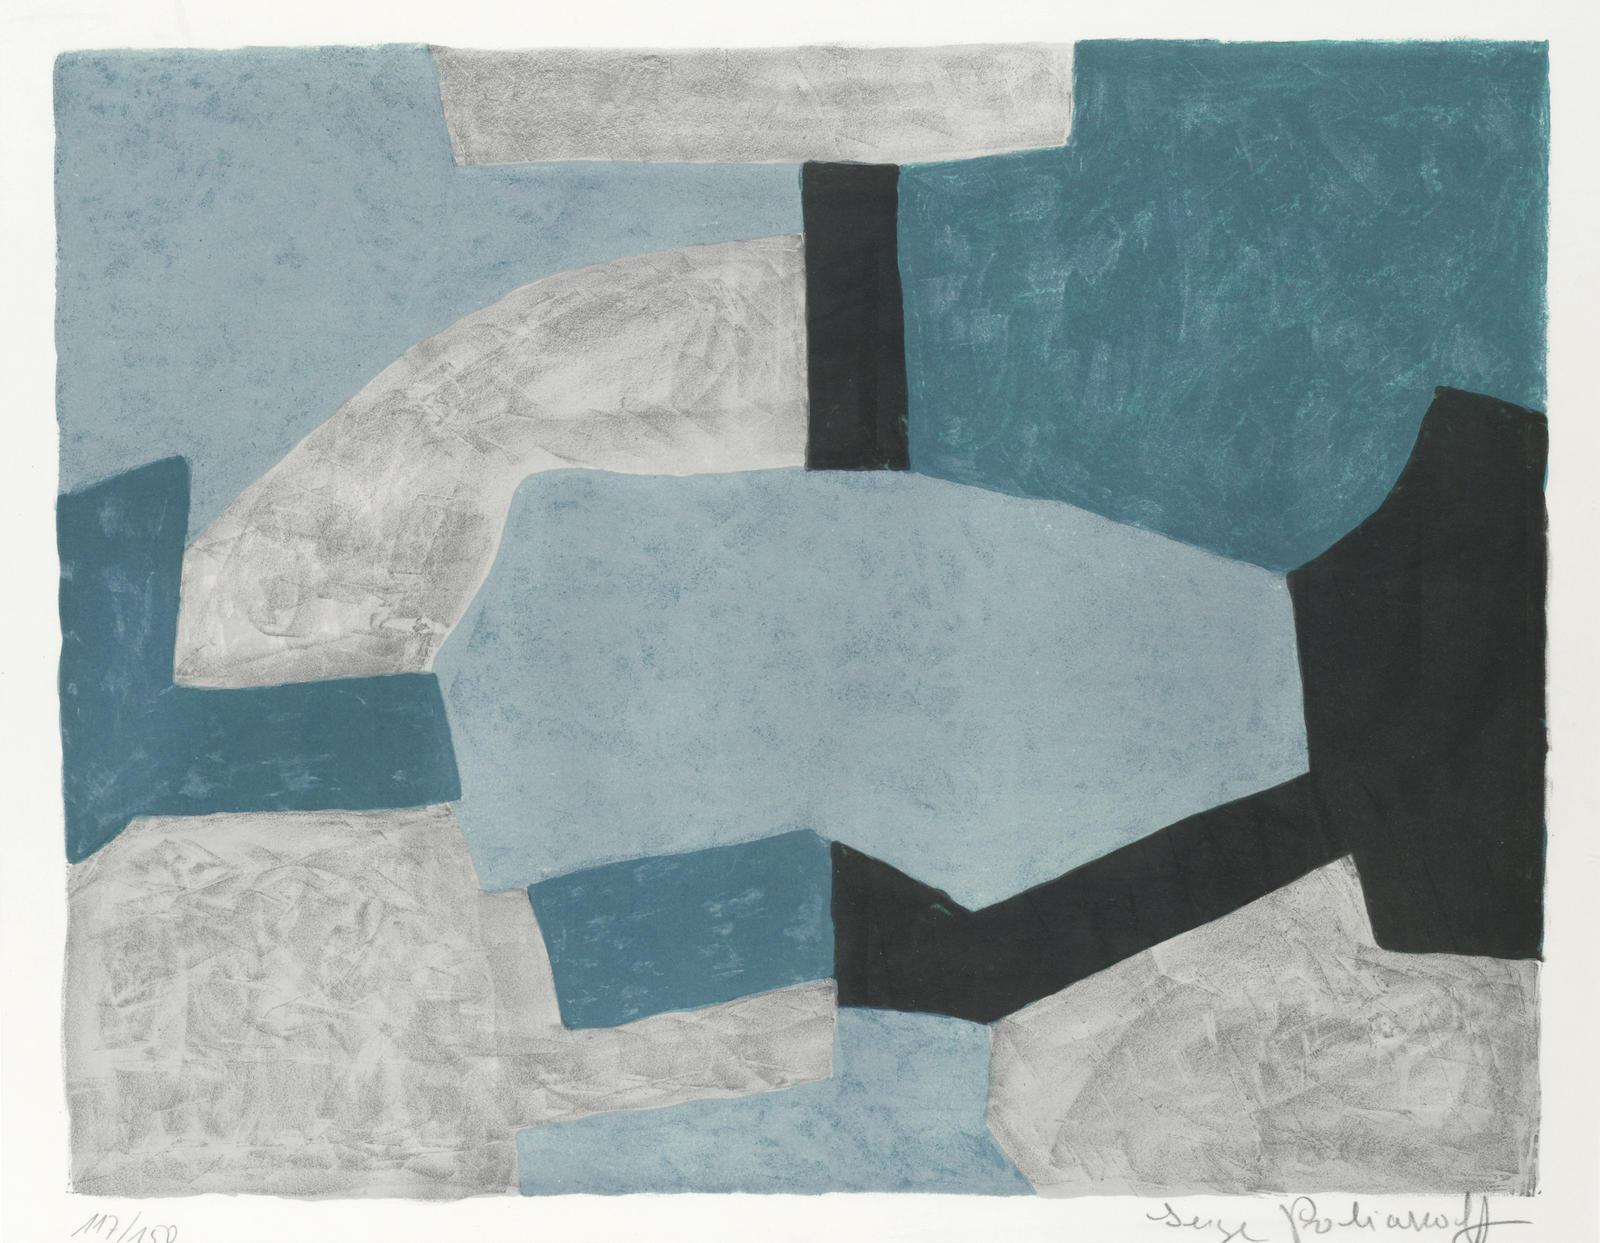 Serge Poliakoff-Composition grise, verte et bleue-1966